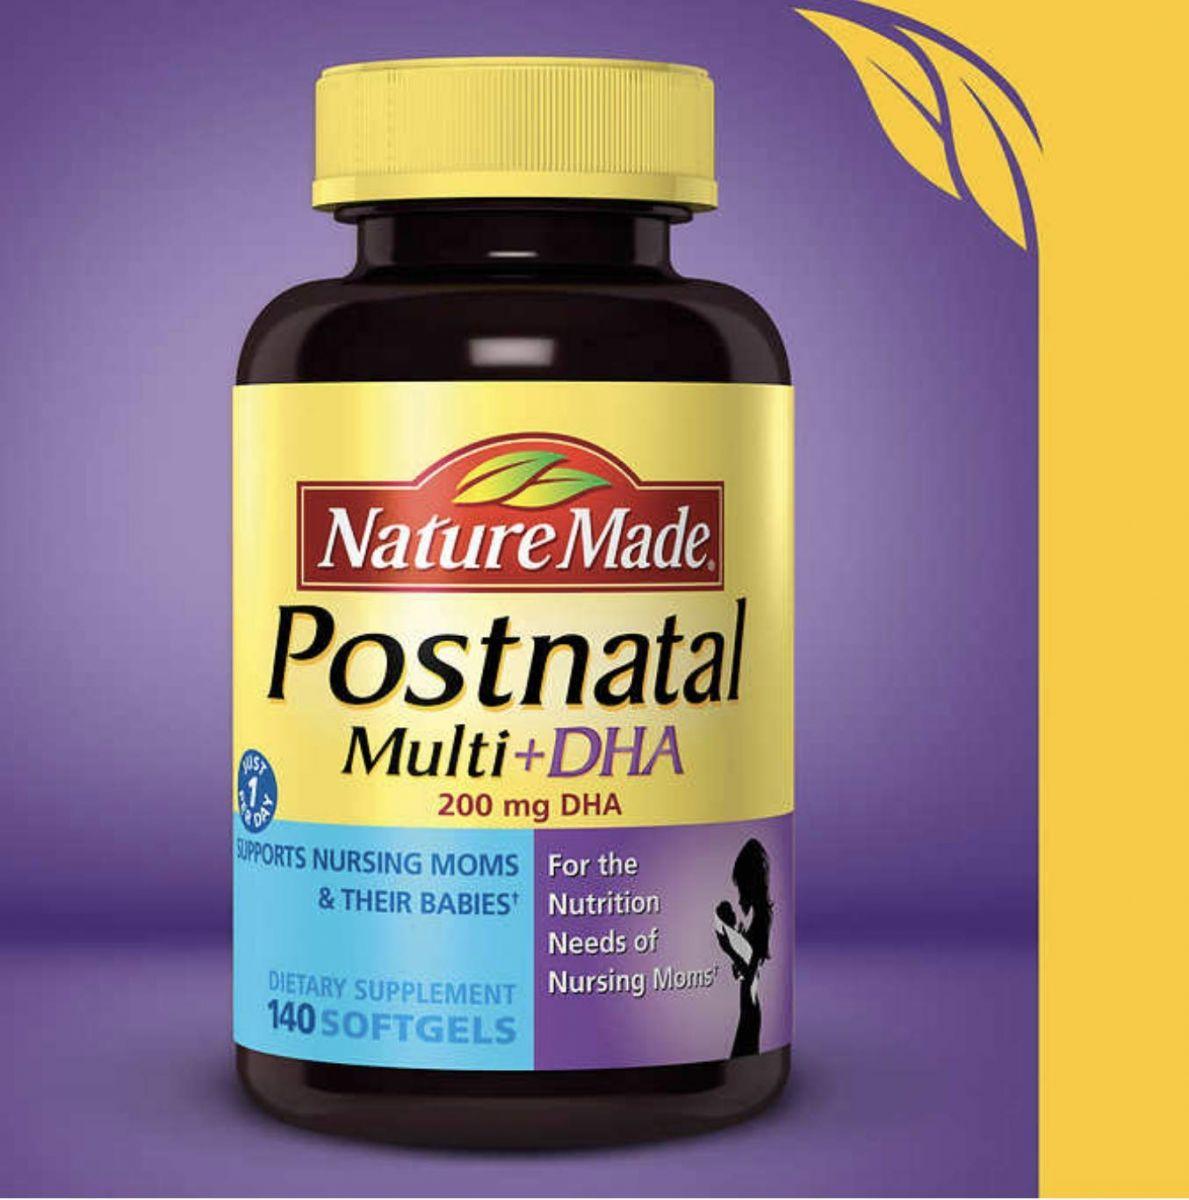 vitamin-danh-cho-phu-nu-cho-con-bu-postnatal-multi-dha